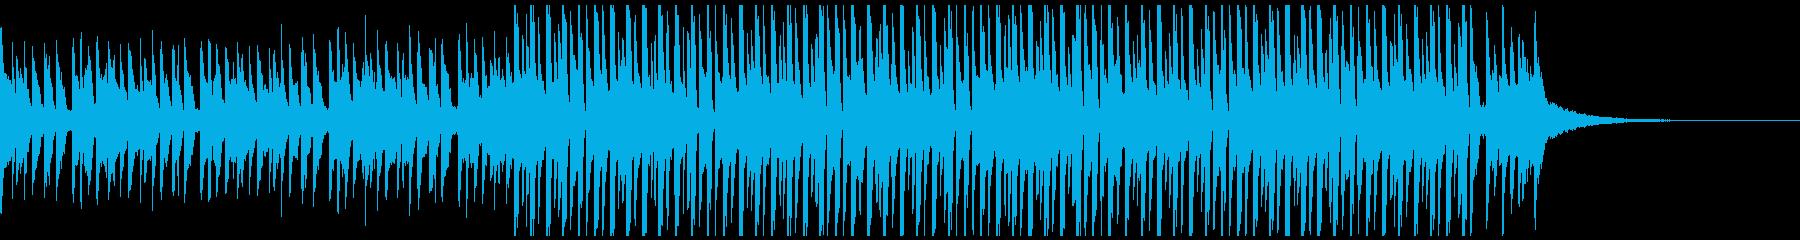 ダンスパーティー(60秒)の再生済みの波形